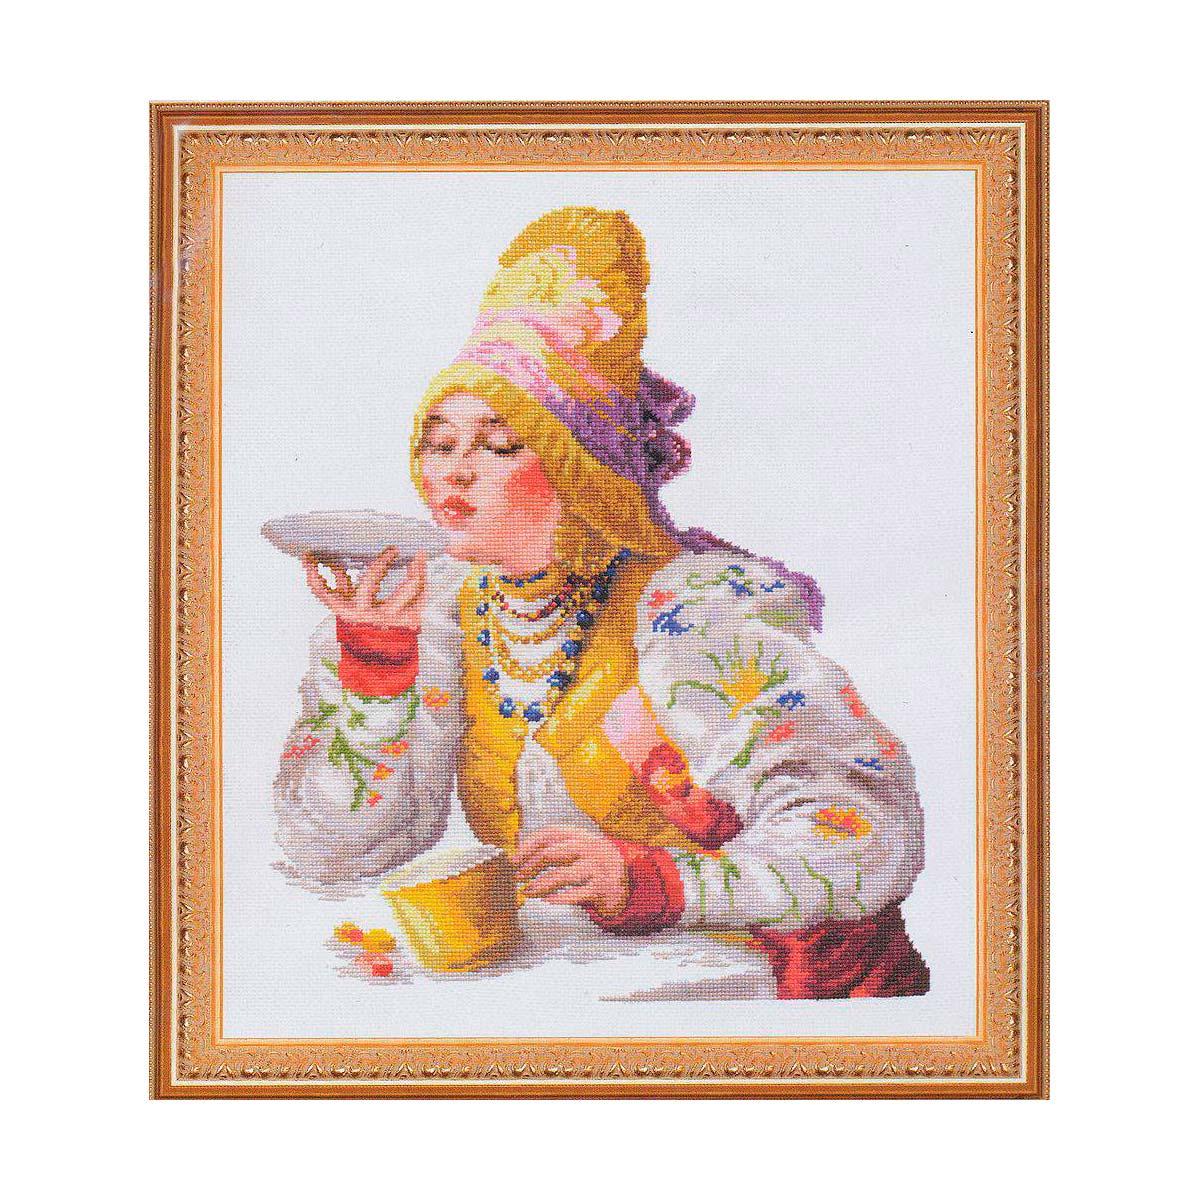 66-01 В064 Набор для вышивания 'Чудесная игла' 'Боярышня за чаем', 30*38 см